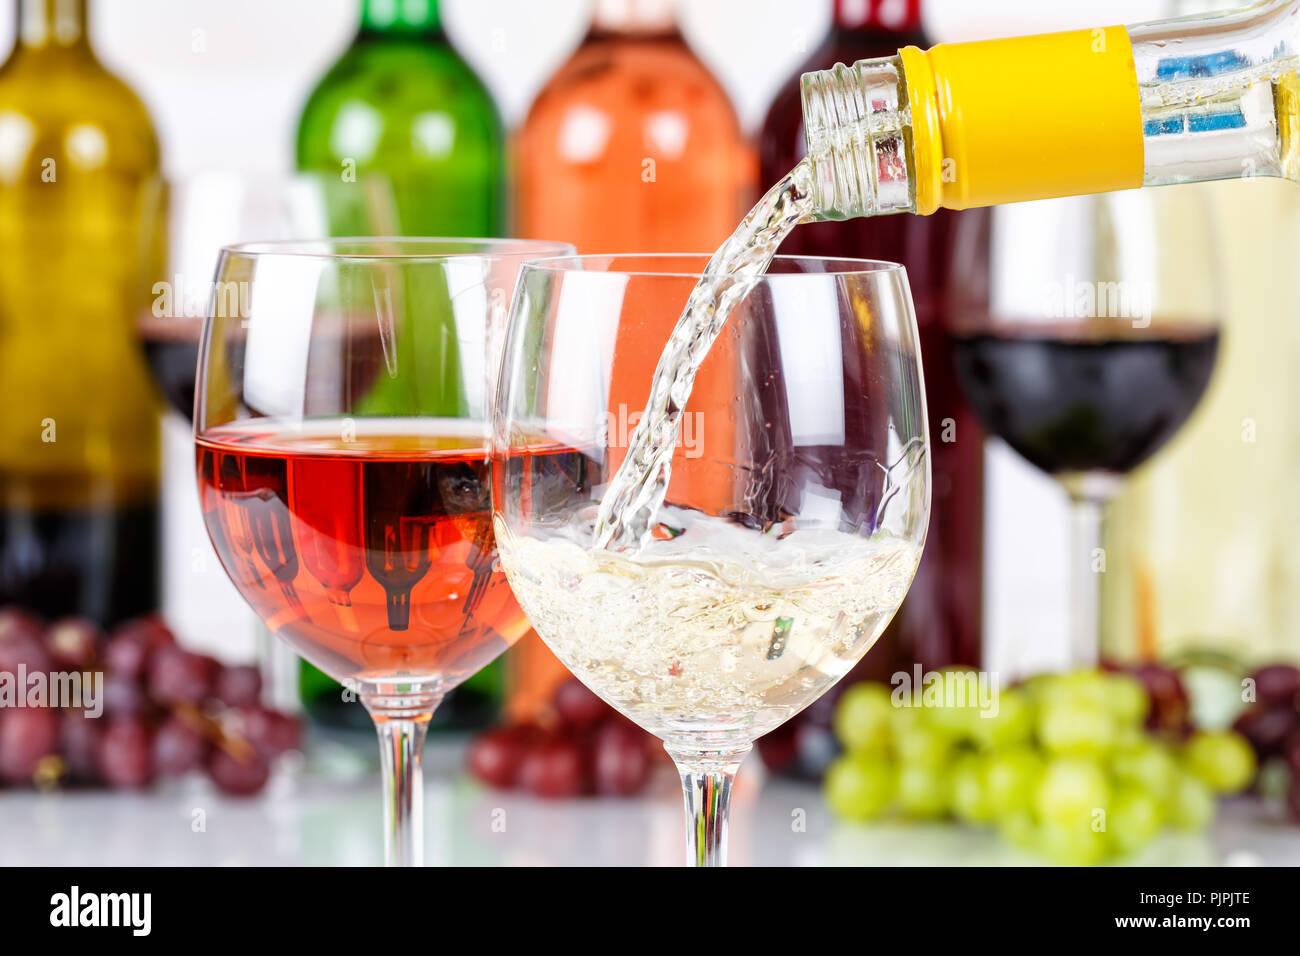 Wein gießen Glas Flasche weiß Gießen trinken Alkohol Stockbild